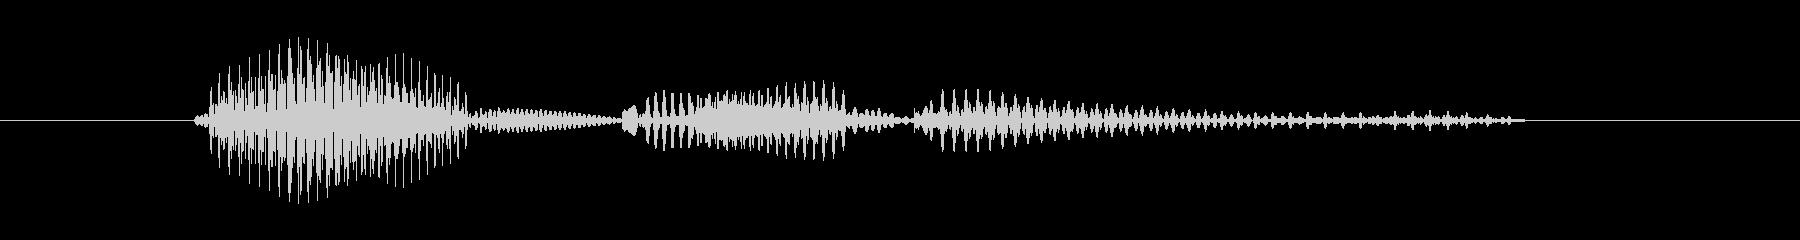 w,W,W(だぶりゅー)の未再生の波形